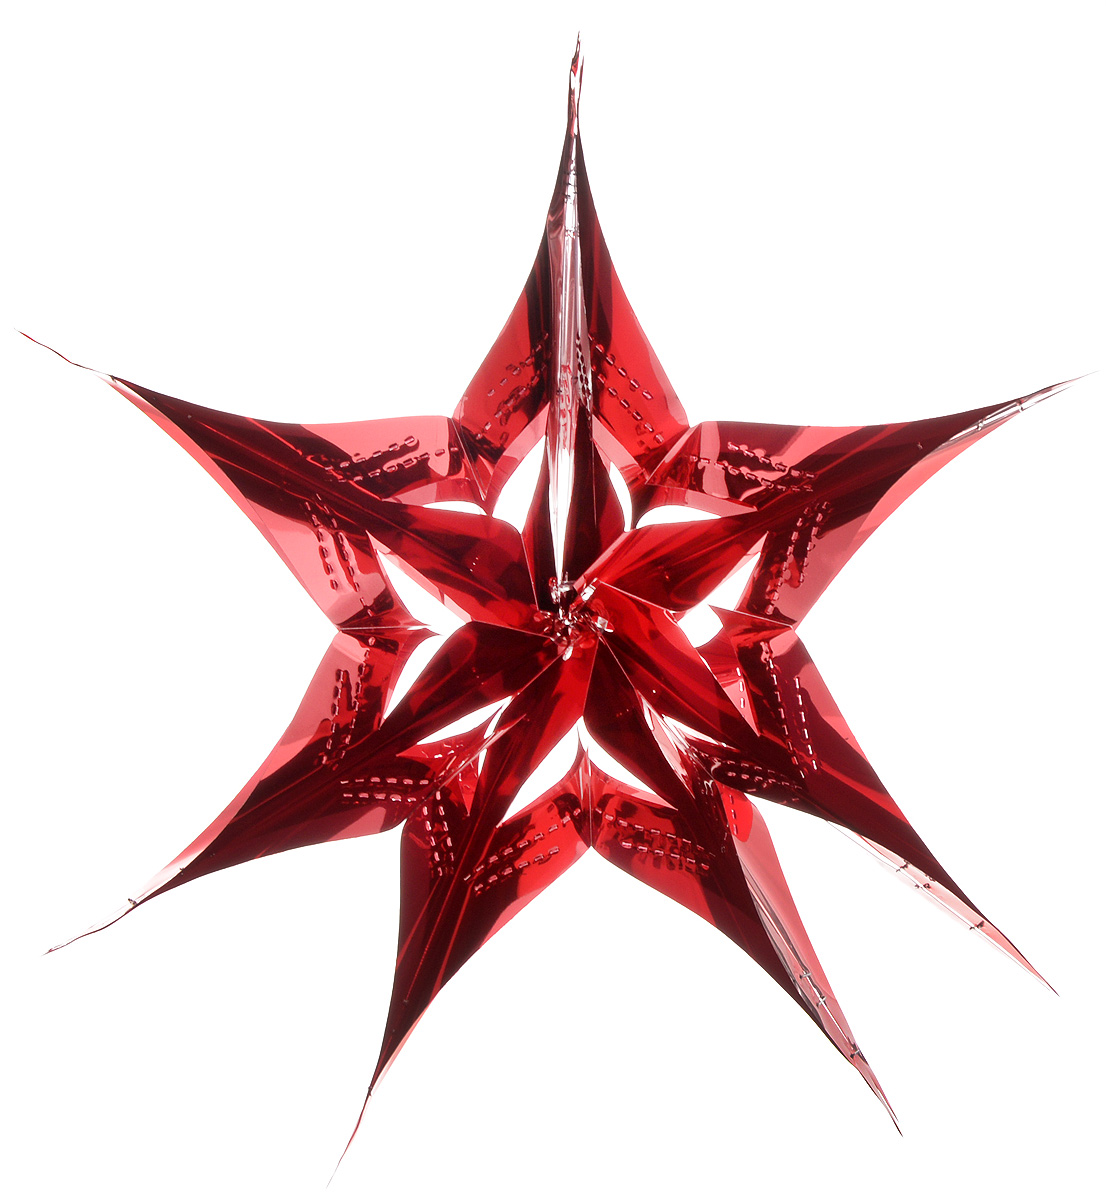 Украшение новогоднее подвесное Winter Wings Звезда, цвет: красный, диаметр 30 смN09174_красныйНовогоднее украшение Winter Wings Звезда прекрасно подойдет для декора дома и праздничной елки. Изделие выполнено из ПВХ. С помощью специальной петельки украшение можно повесить в любом понравившемся вам месте. Легко складывается и раскладывается.Новогодние украшения несут в себе волшебство и красоту праздника. Они помогут вам украсить дом к предстоящим праздникам и оживить интерьер по вашему вкусу. Создайте в доме атмосферу тепла, веселья и радости, украшая его всей семьей.